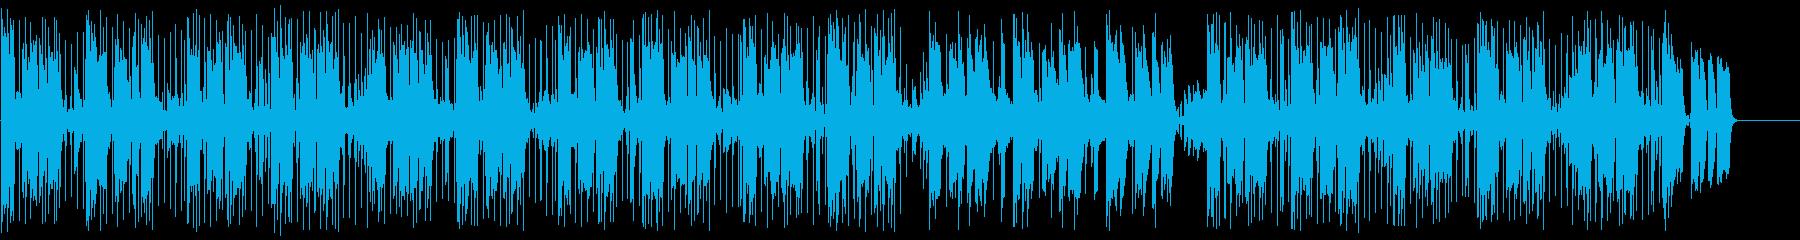 アンビエント センチメンタル 感情...の再生済みの波形